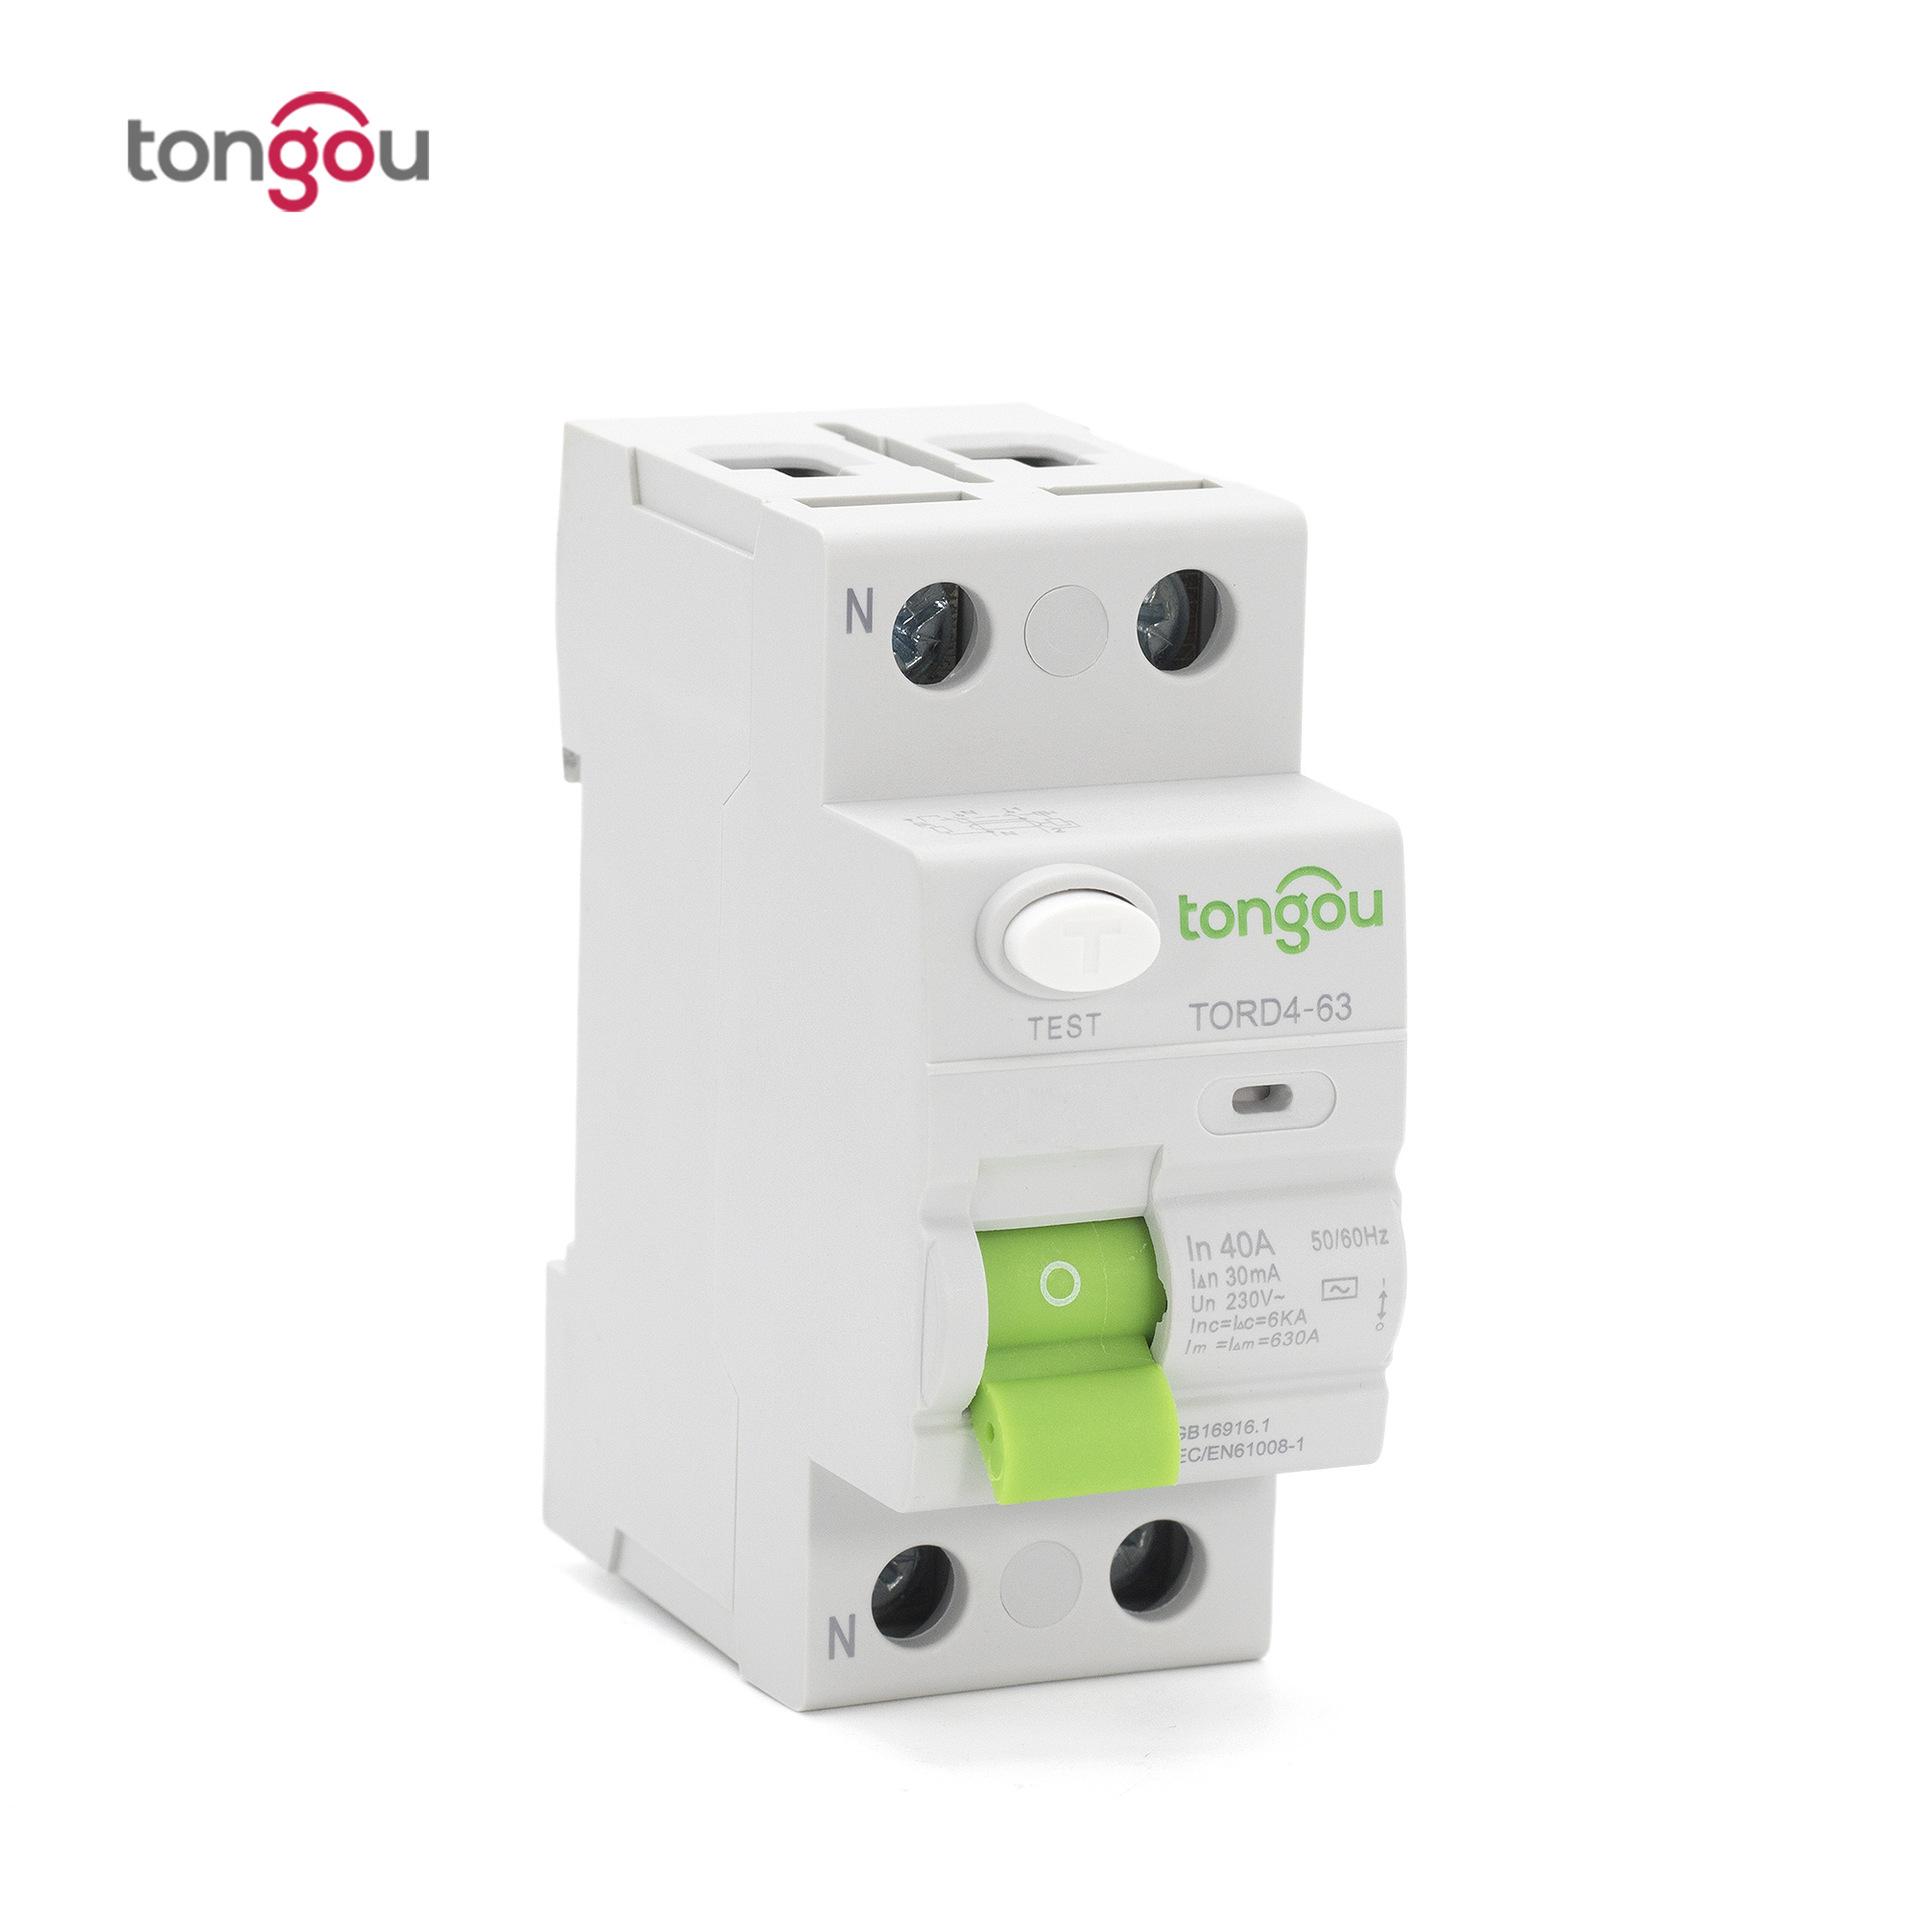 Bộ ngắt mạch bảo vệ rò rỉ 2P 63A 30mA trực tiếp TORD4